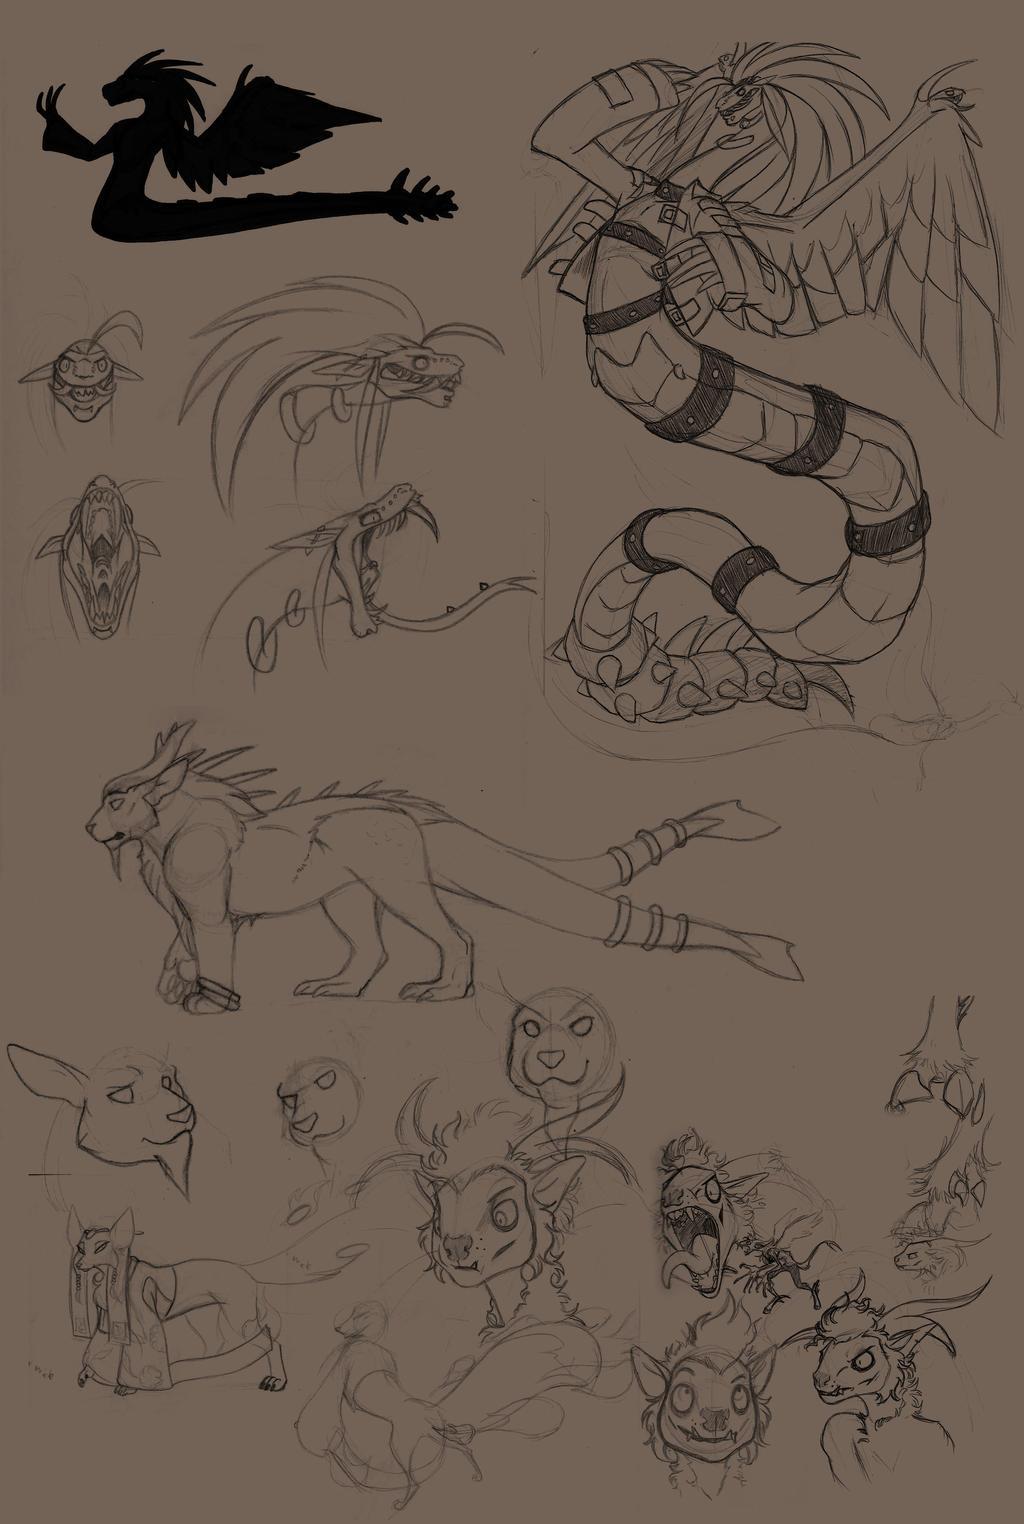 RA Sketch Dump 1 by RotAngel